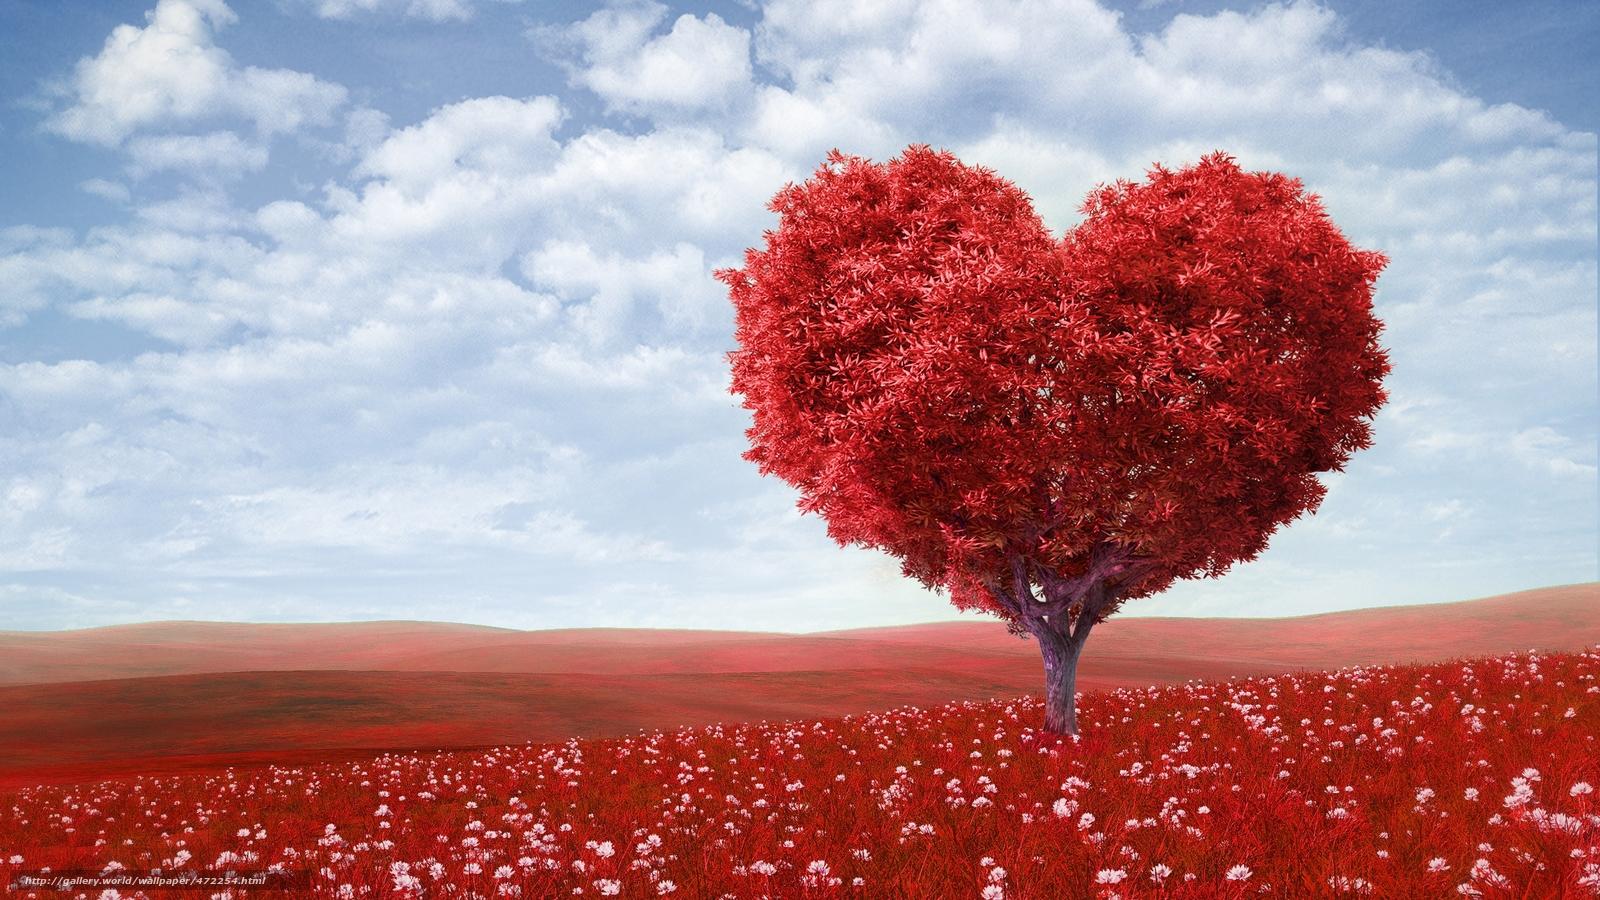 pobra tapety Walentynki,  Mio,  romans,  serce Darmowe tapety na pulpit rozdzielczoci 5000x2812 — zdjcie №472254